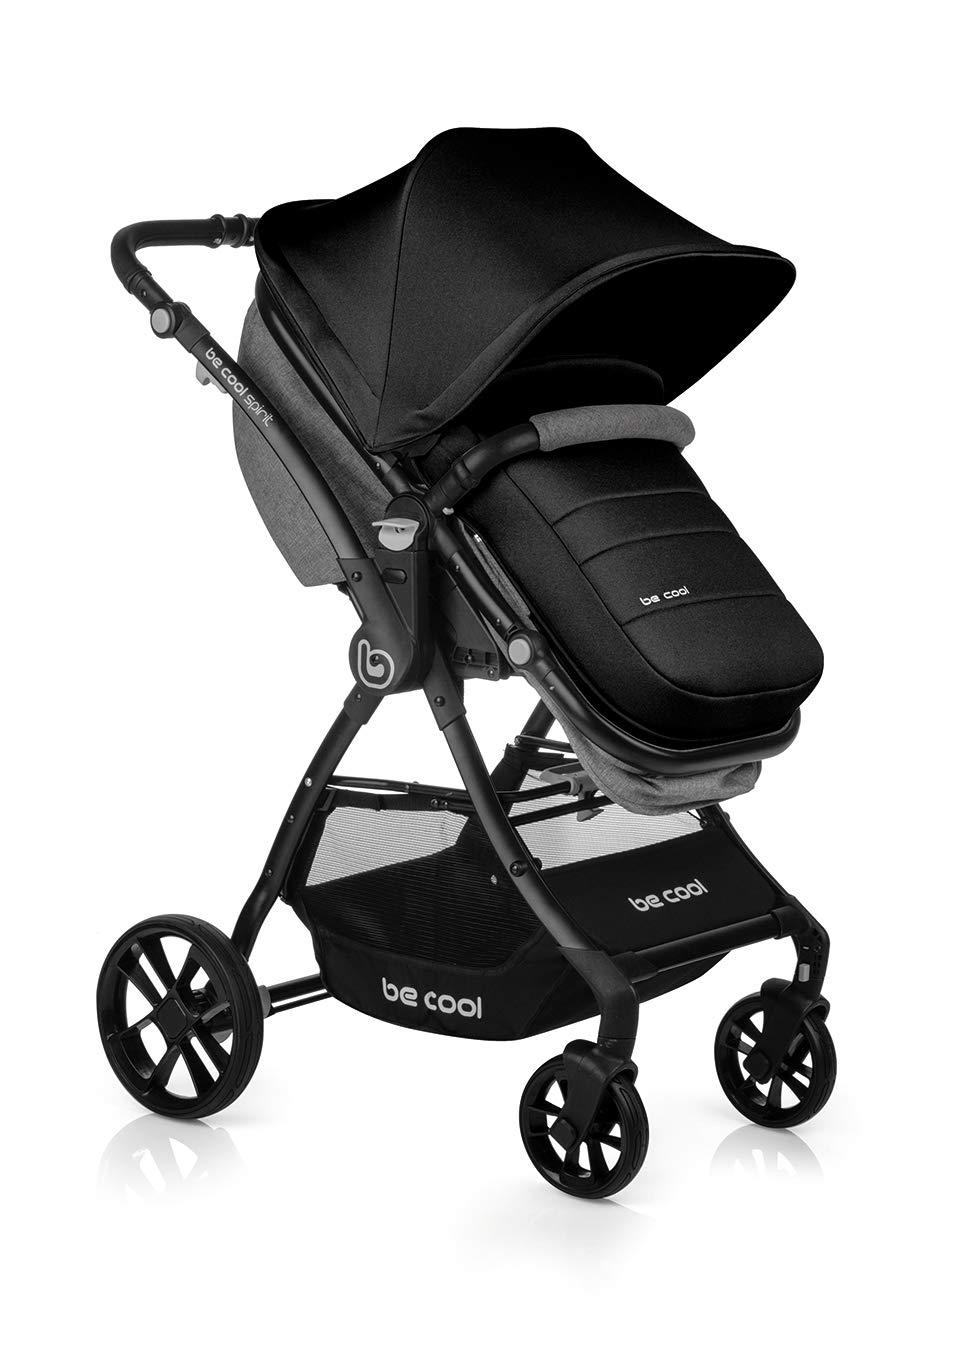 BE COOL Spirit - Silla de paseo convertible en capazo, Color Be Solid Black